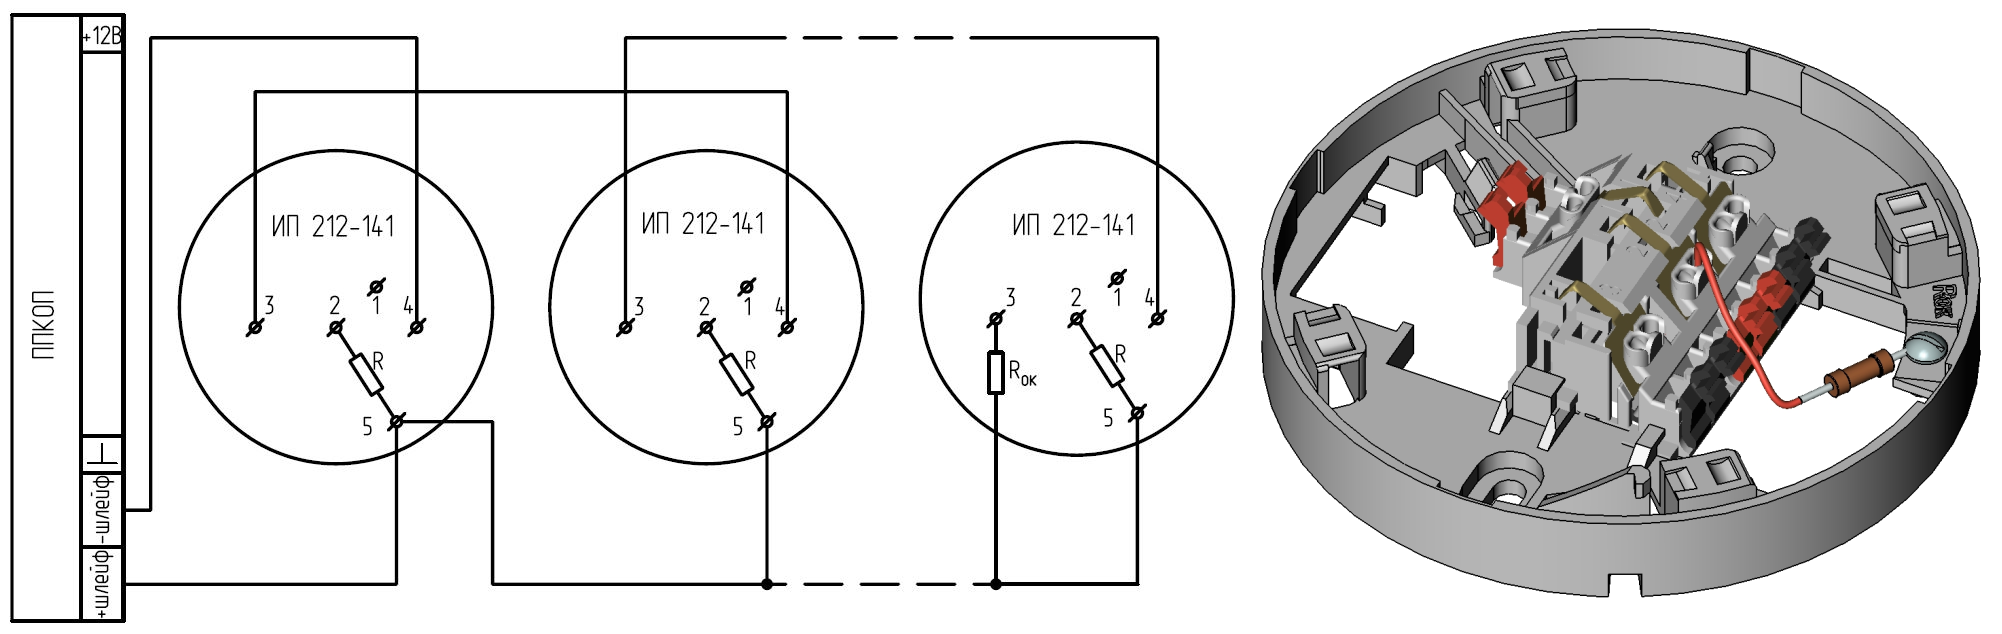 Описание ИП 212-41М с УС-02, извещатель пожарный дымовой с УС-02 для подключения в 4-пров. шлейф.